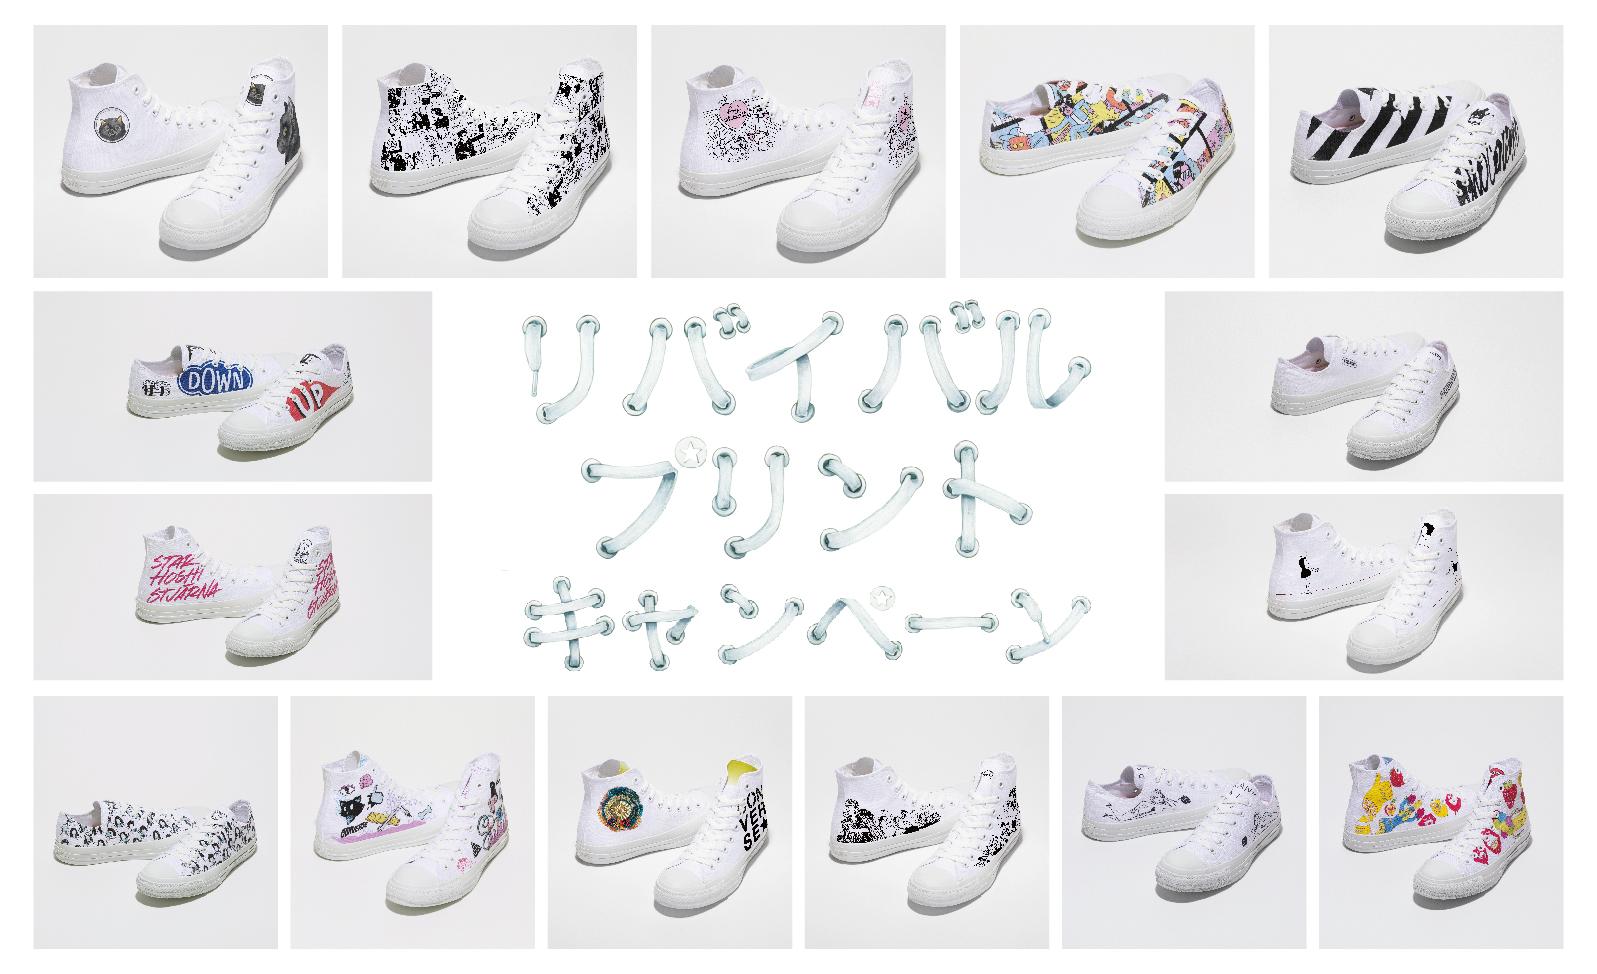 『ホワイトアトリエ バイ コンバース』5周年記念! リバイバルプリントキャンペーンが7/17(金)からスタート☆_1